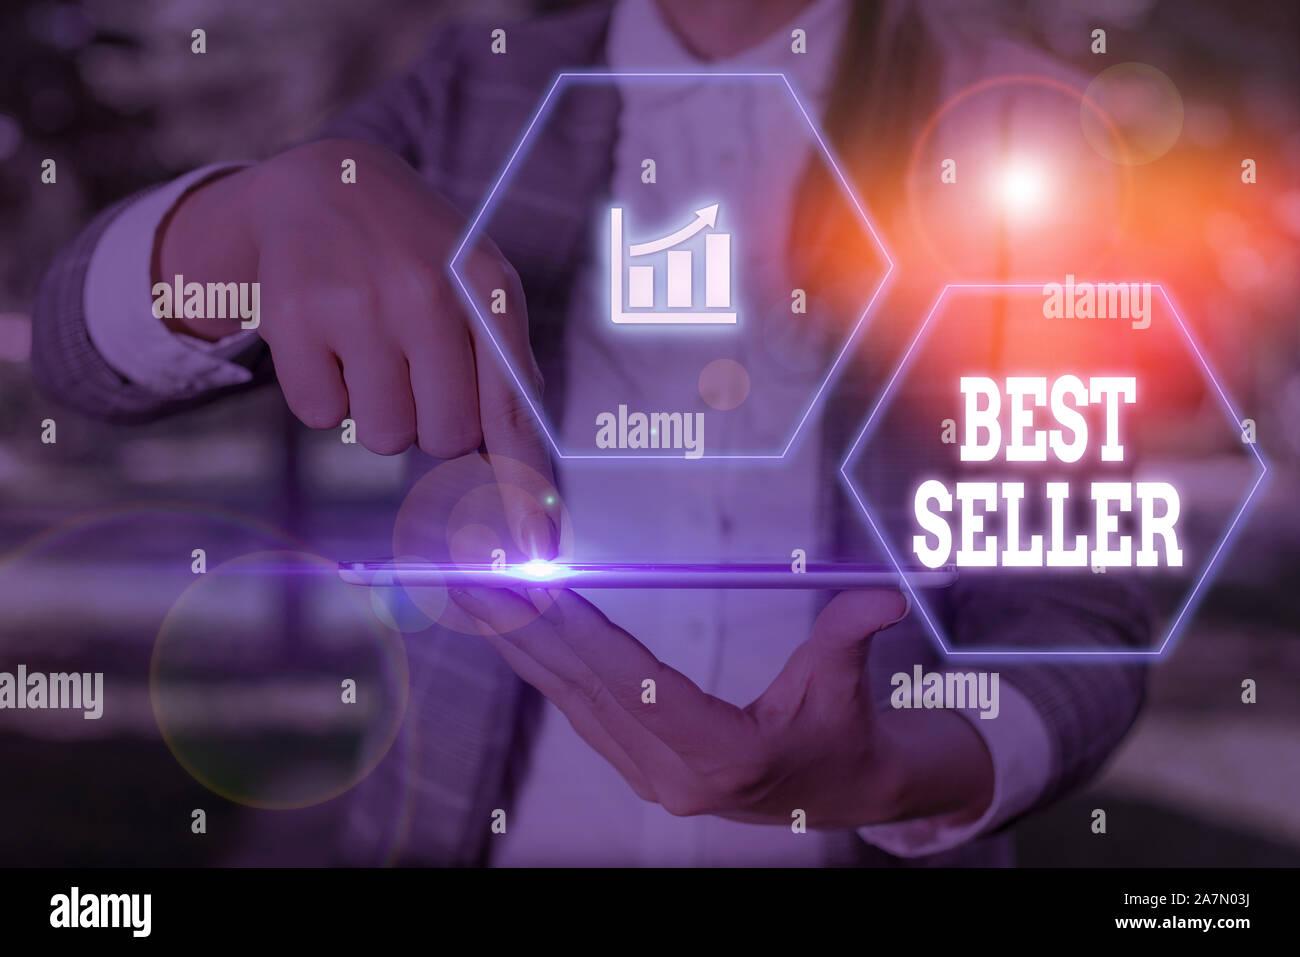 Escritura de texto Word best seller. Exhibición fotográfica de negocios nuevo libro u otro producto que ha vendido un gran número de copias Foto de stock